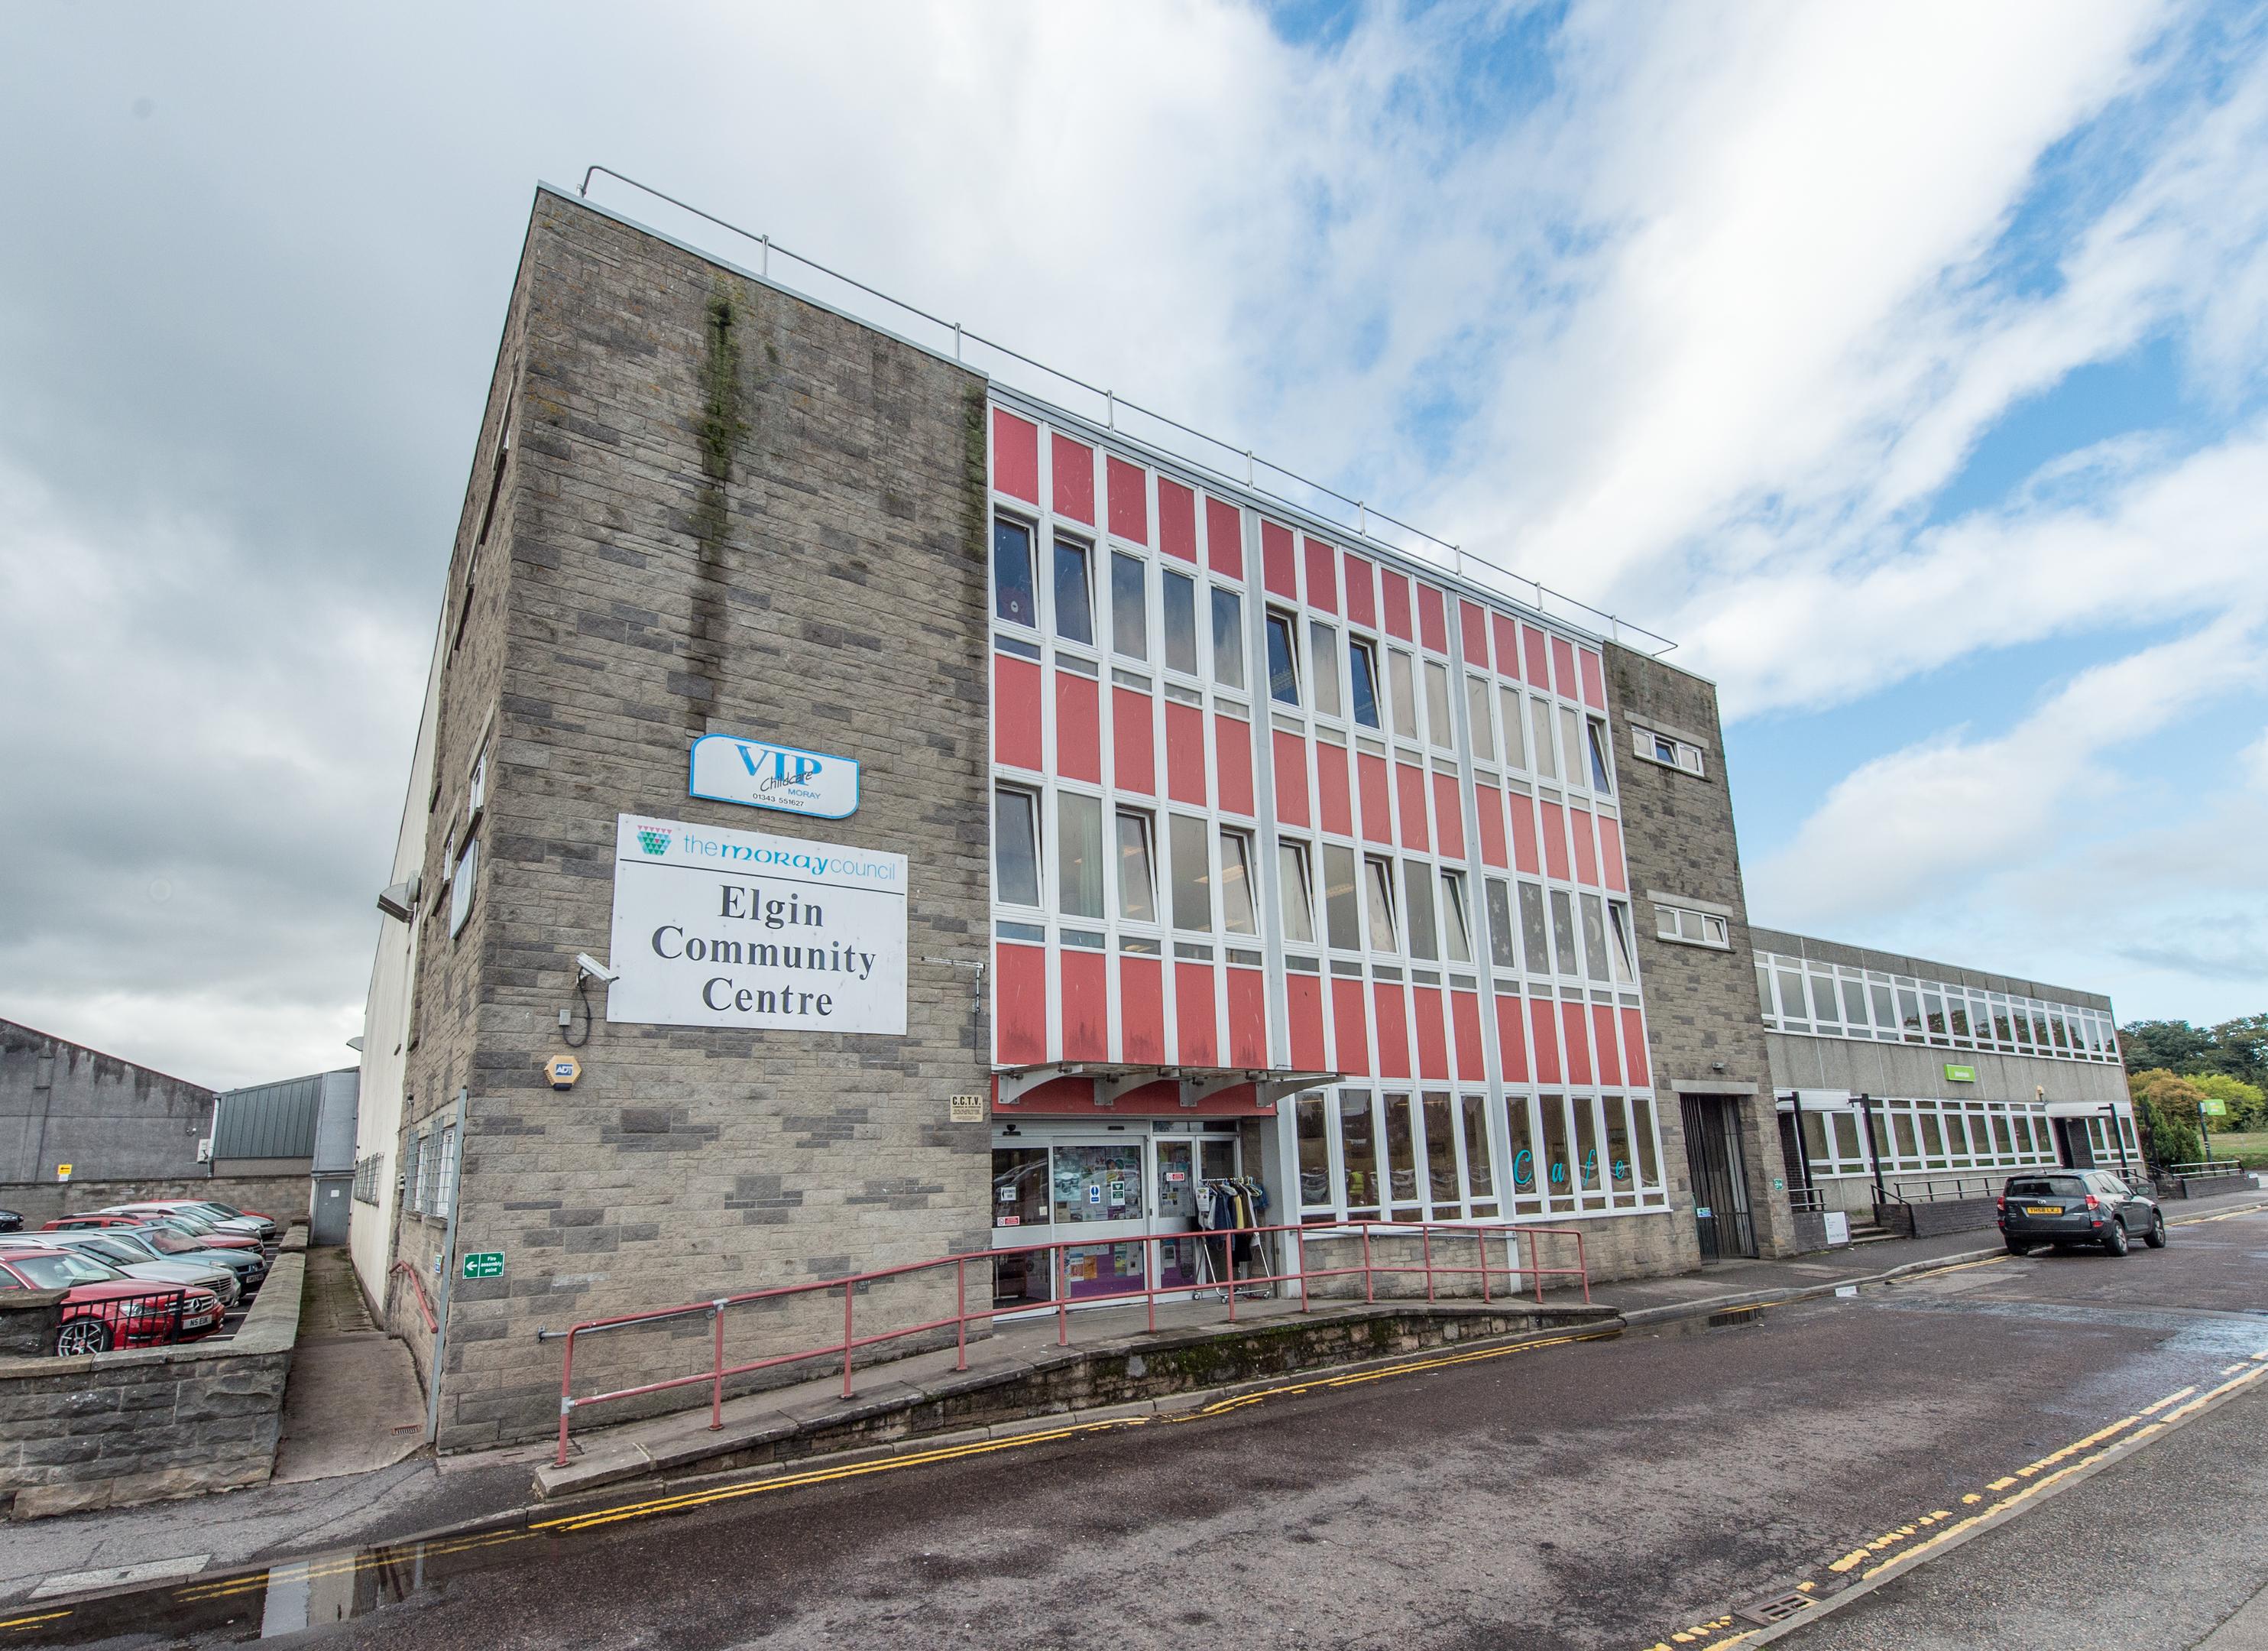 Elgin Community Centre